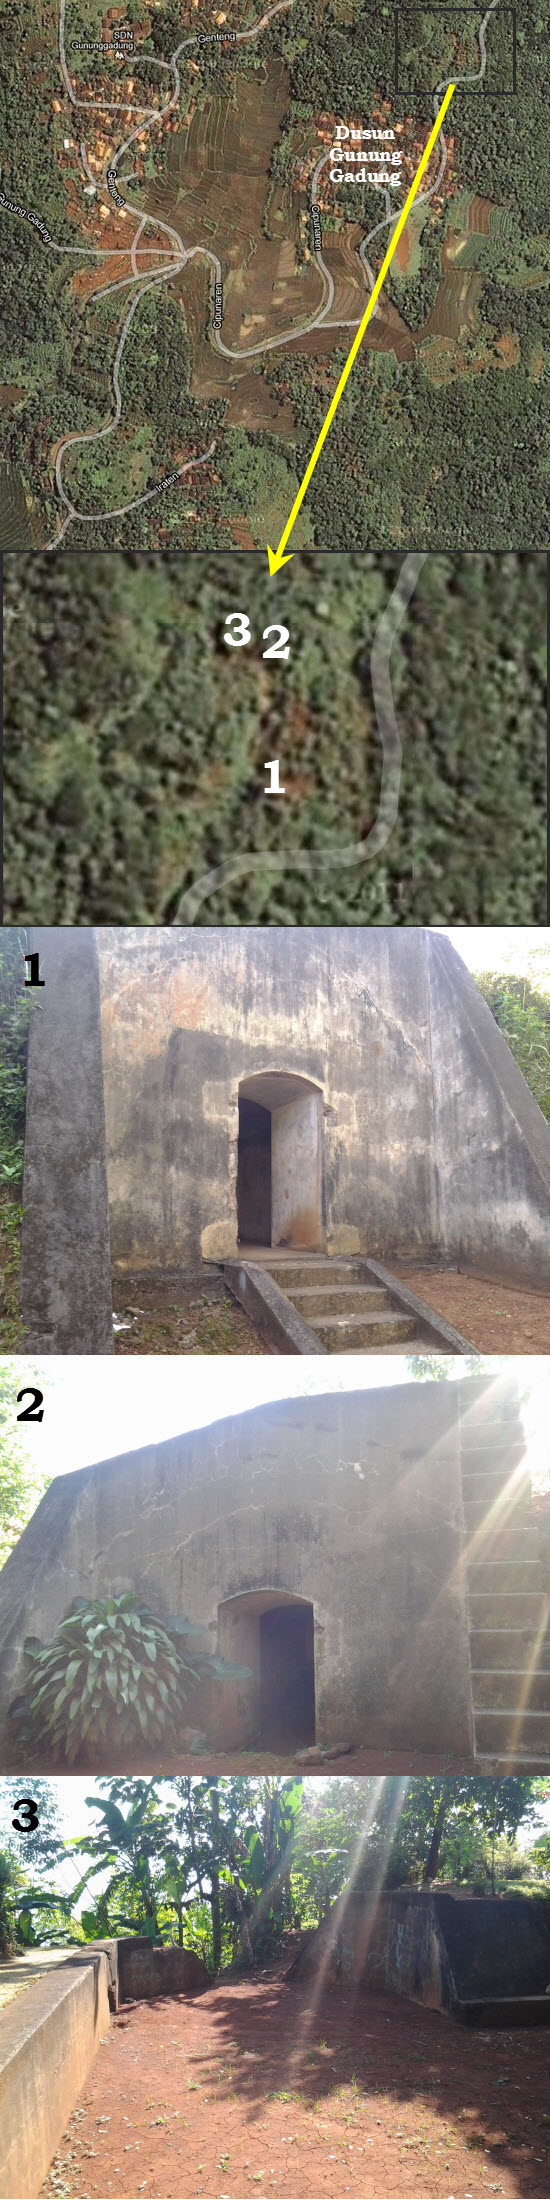 Wangunan benteng titinggal Wala nda di Pasirlaja Sumedang